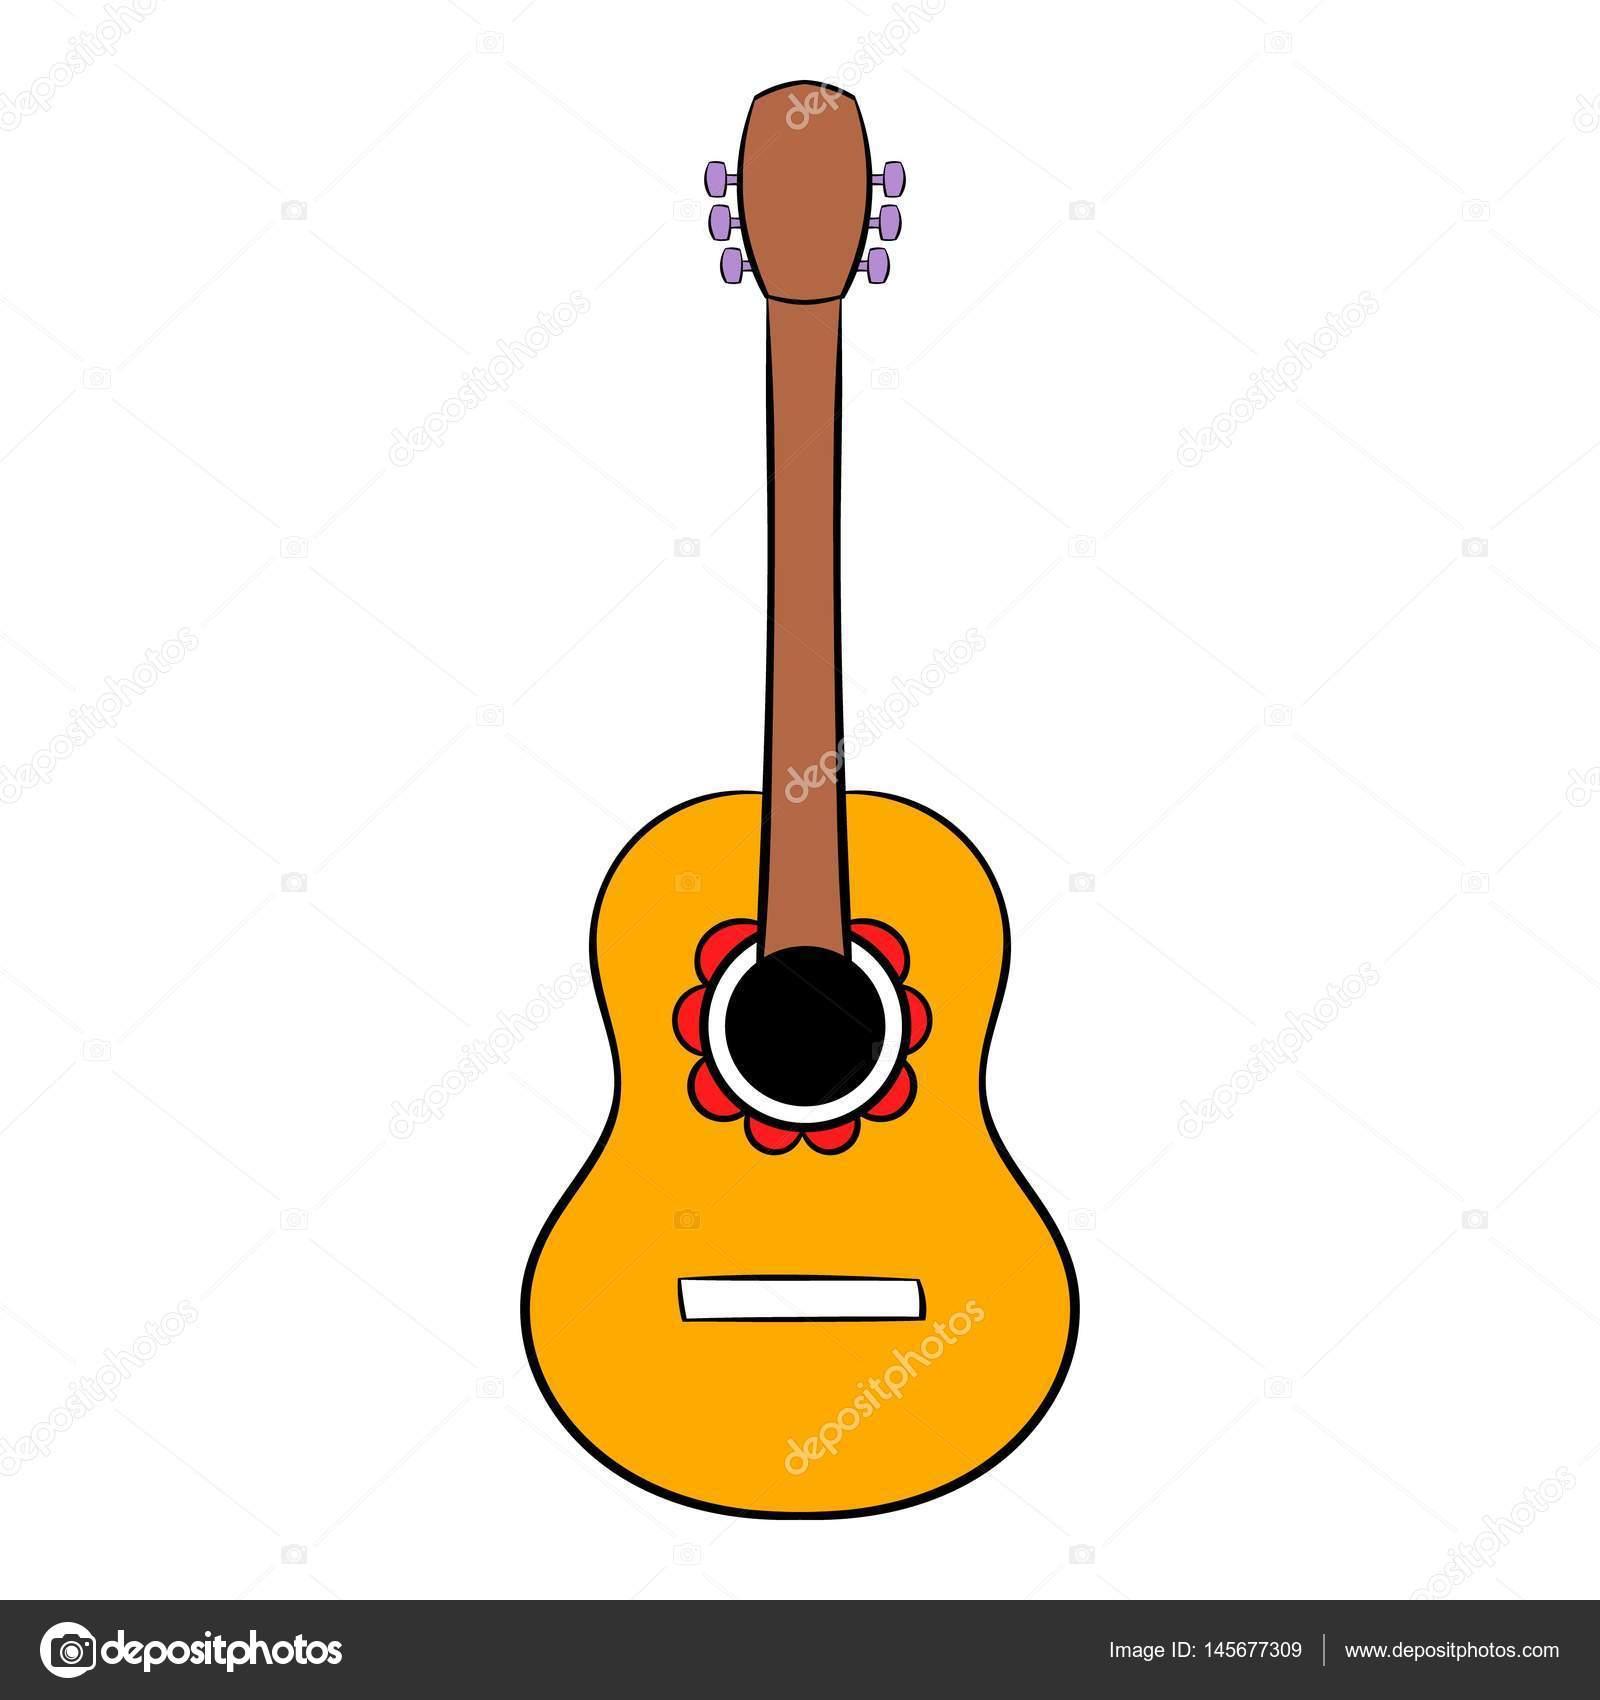 dibujos animados icono de guitarra ac u00fastica vector de stock  u00a9 juliarstudio 145677309 guitar vector photoshop guitar vector illustration